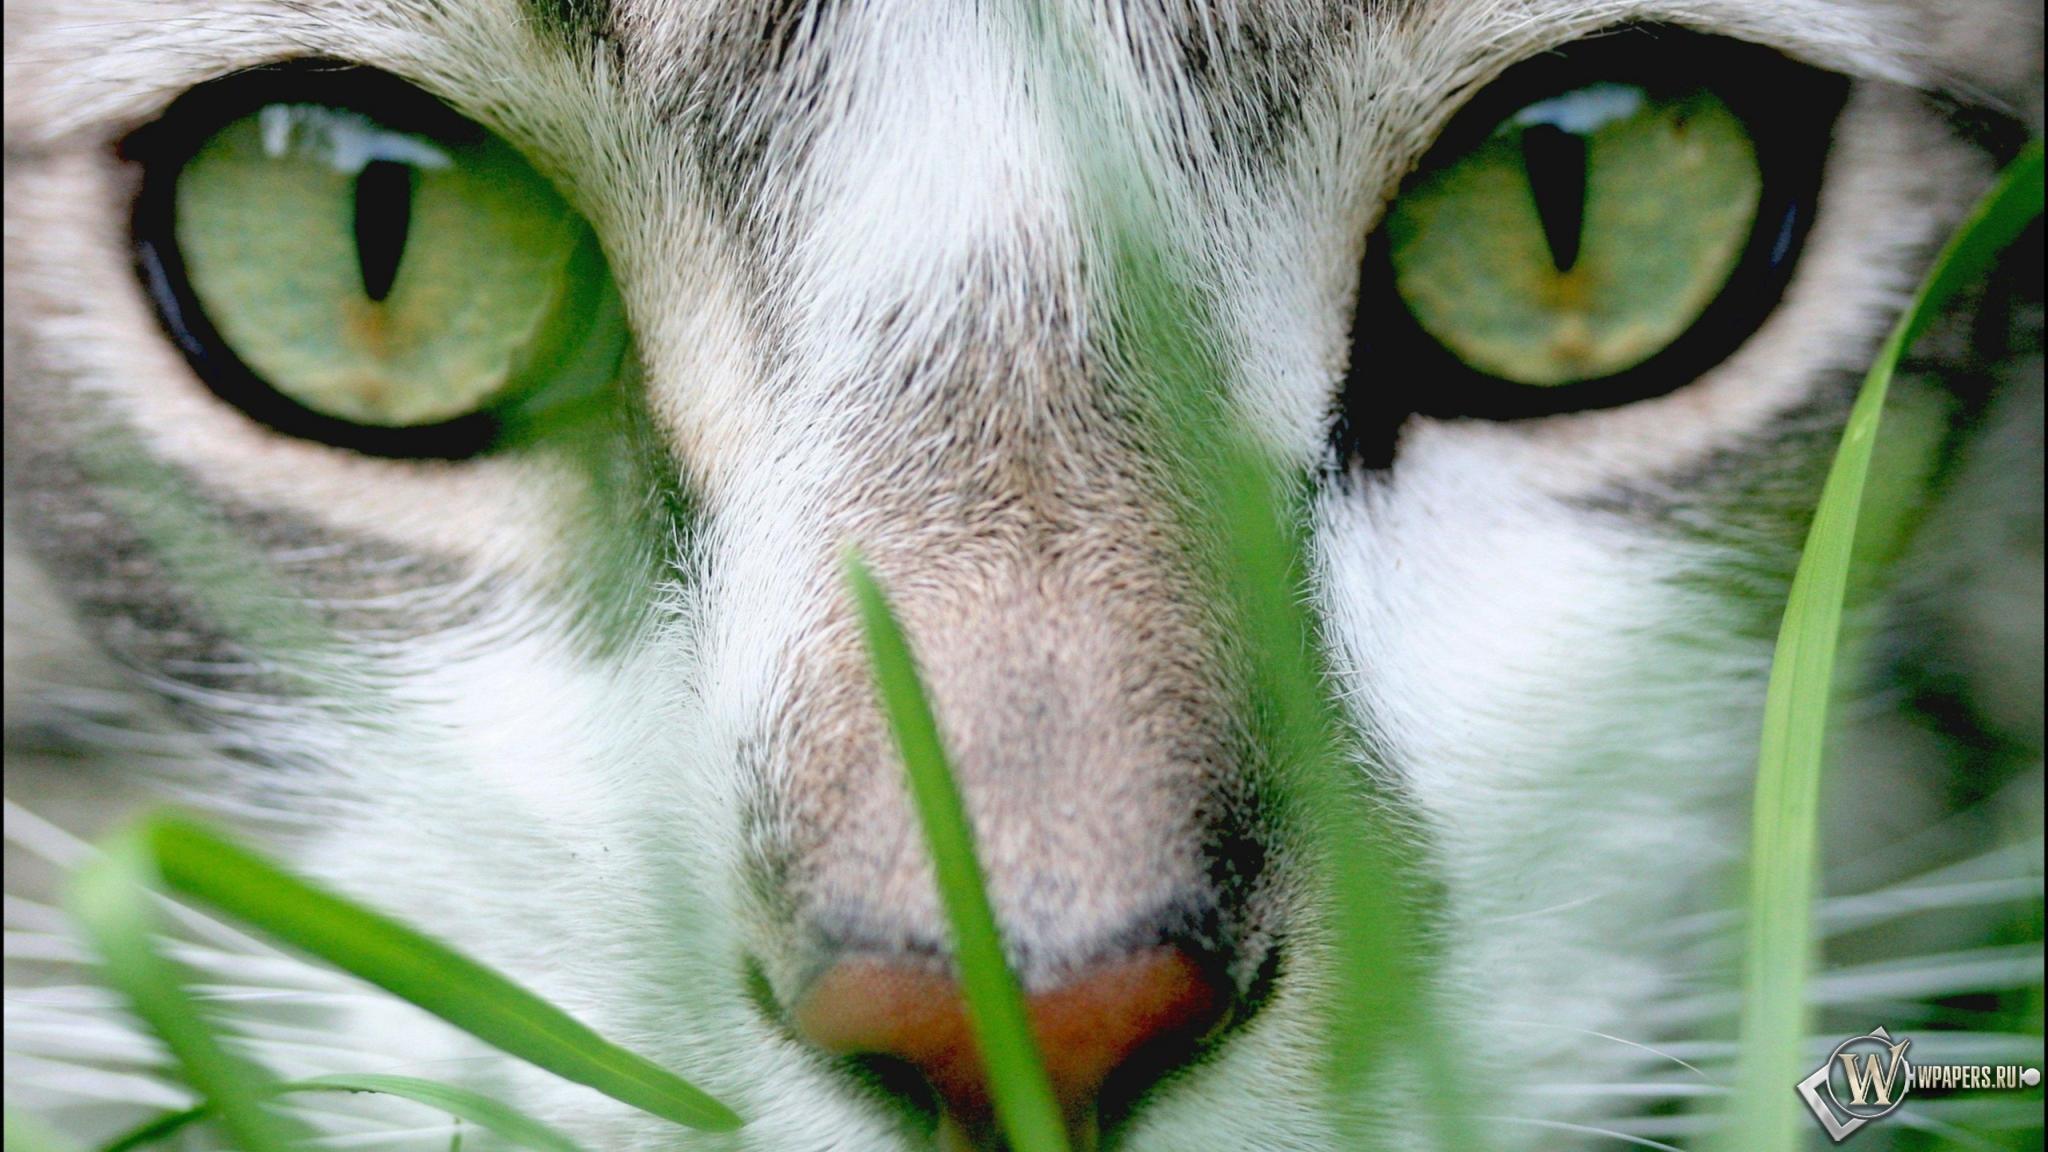 Download Wallpapers Download 2790x2547 Animals Grass: Скачать обои Cat Grass (Взгляд, Кот) для рабочего стола